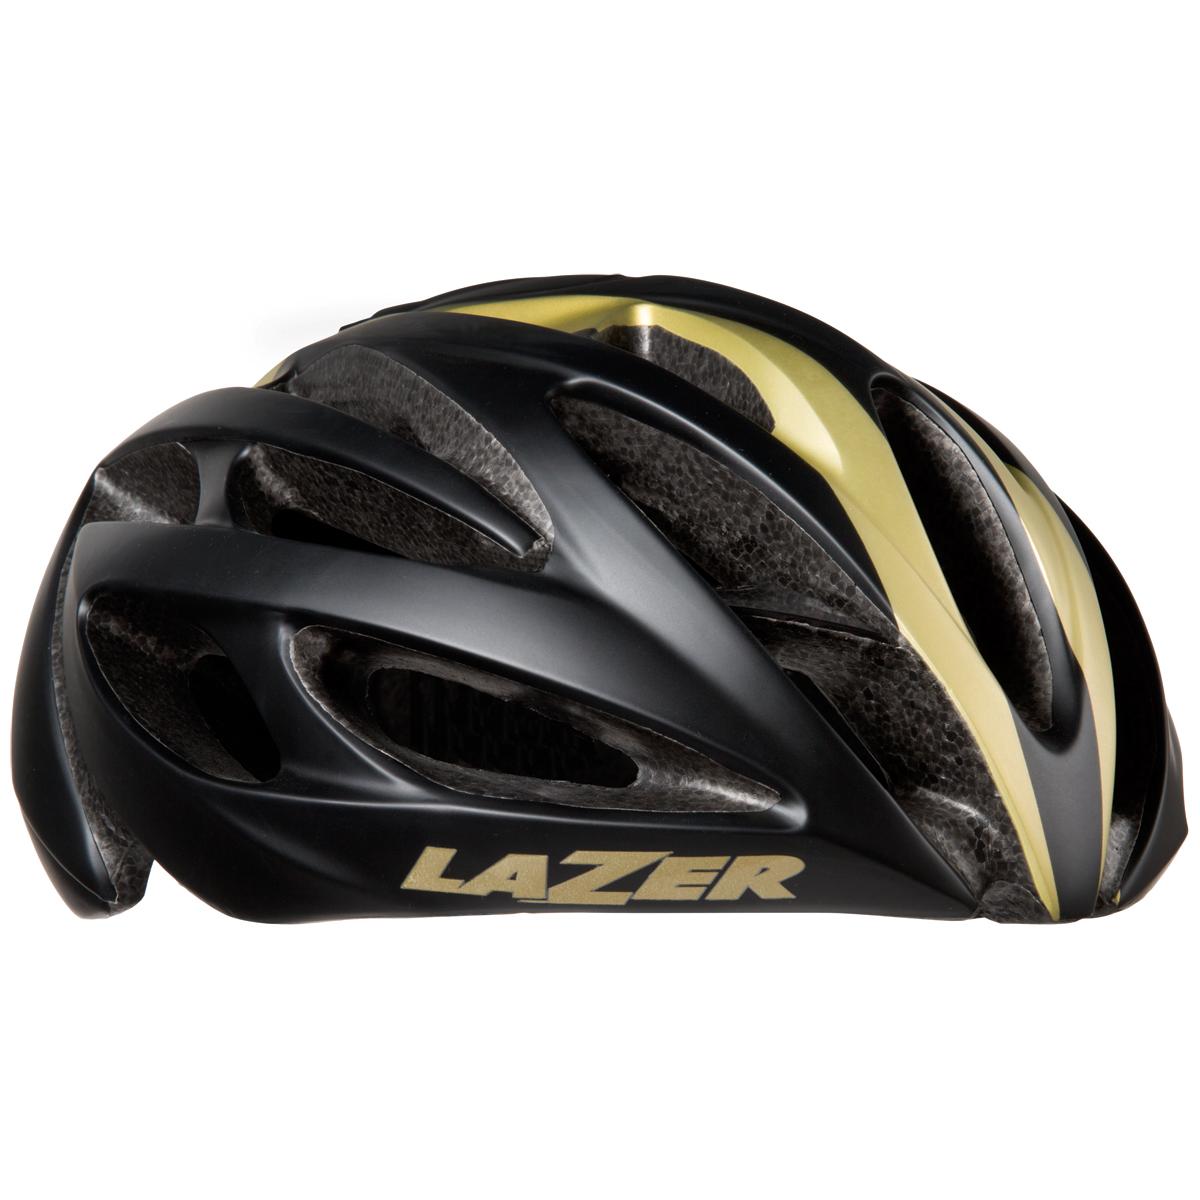 Lazer O2 Helm Zwart Goud O2 Lazer Fietshelm